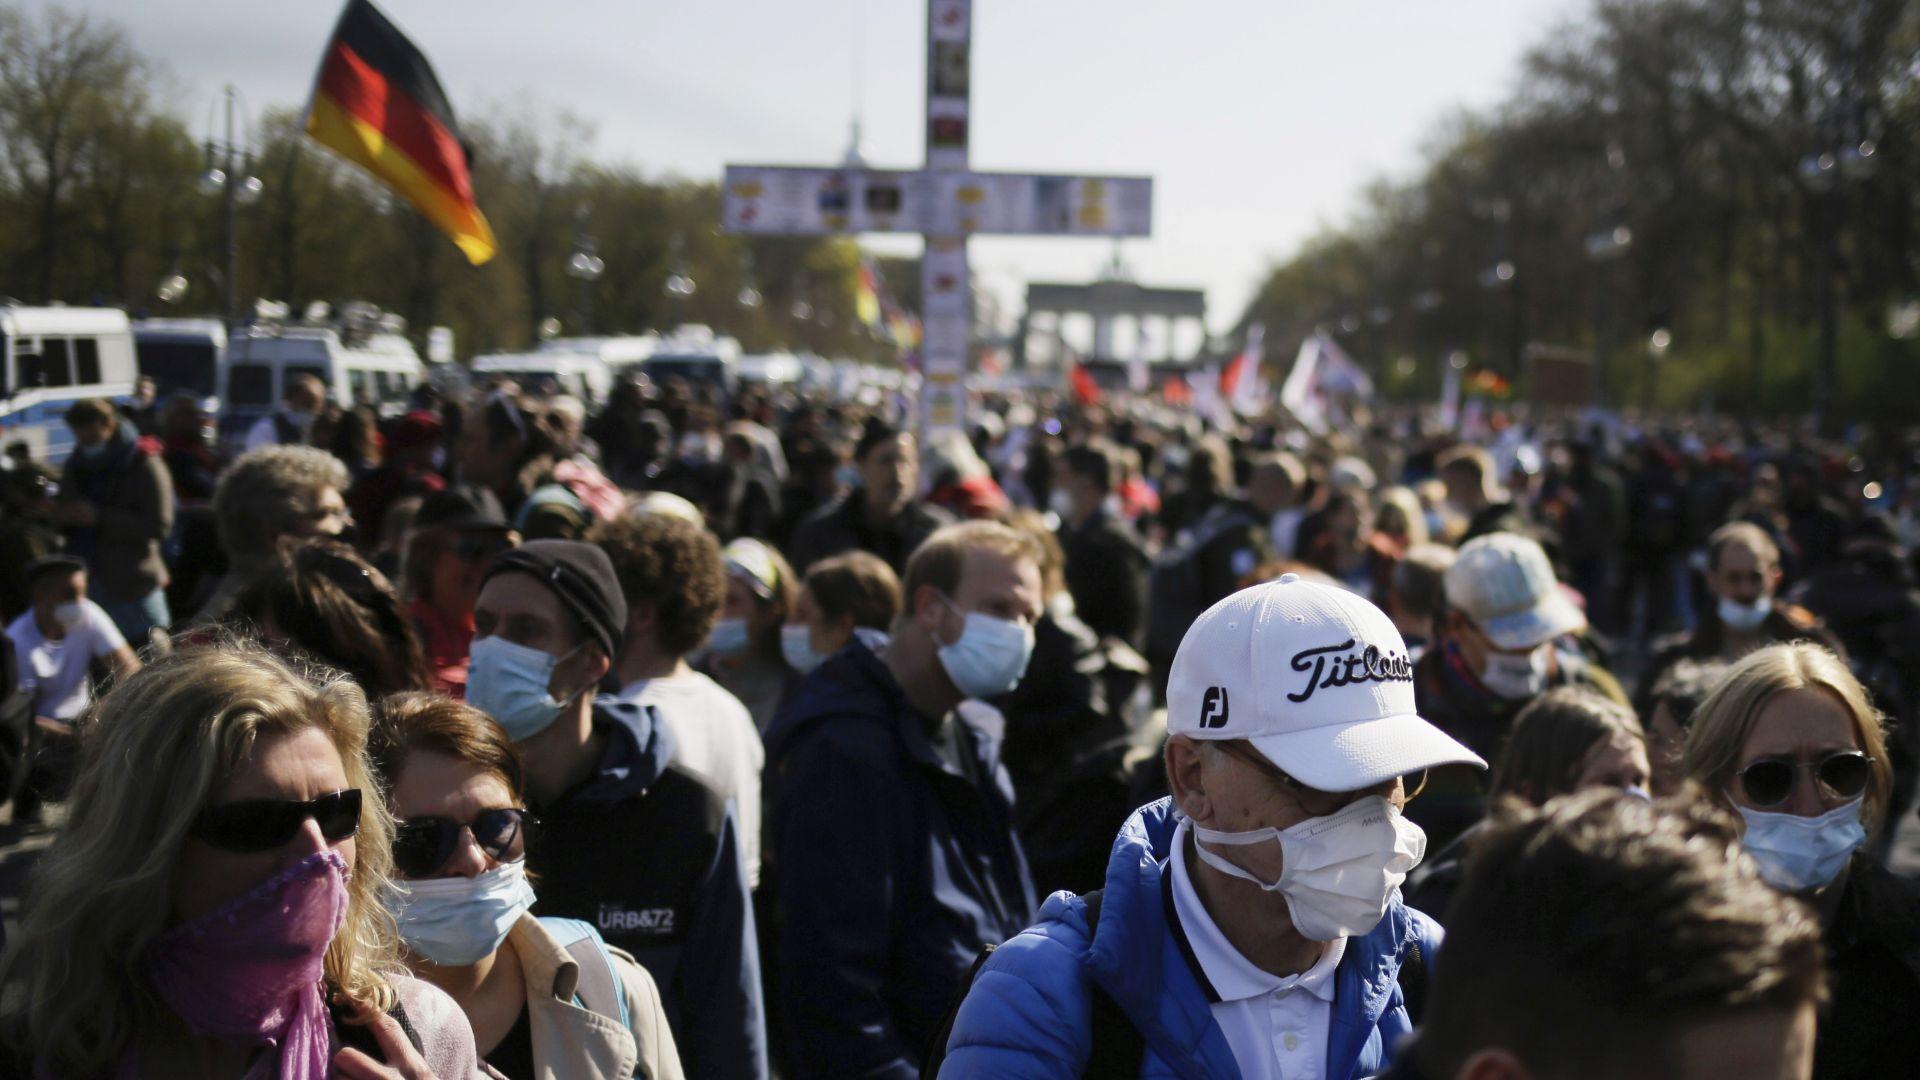 Хиляди излязоха на протест срещу закон за антиковидния локдаун в Германия (снимки)